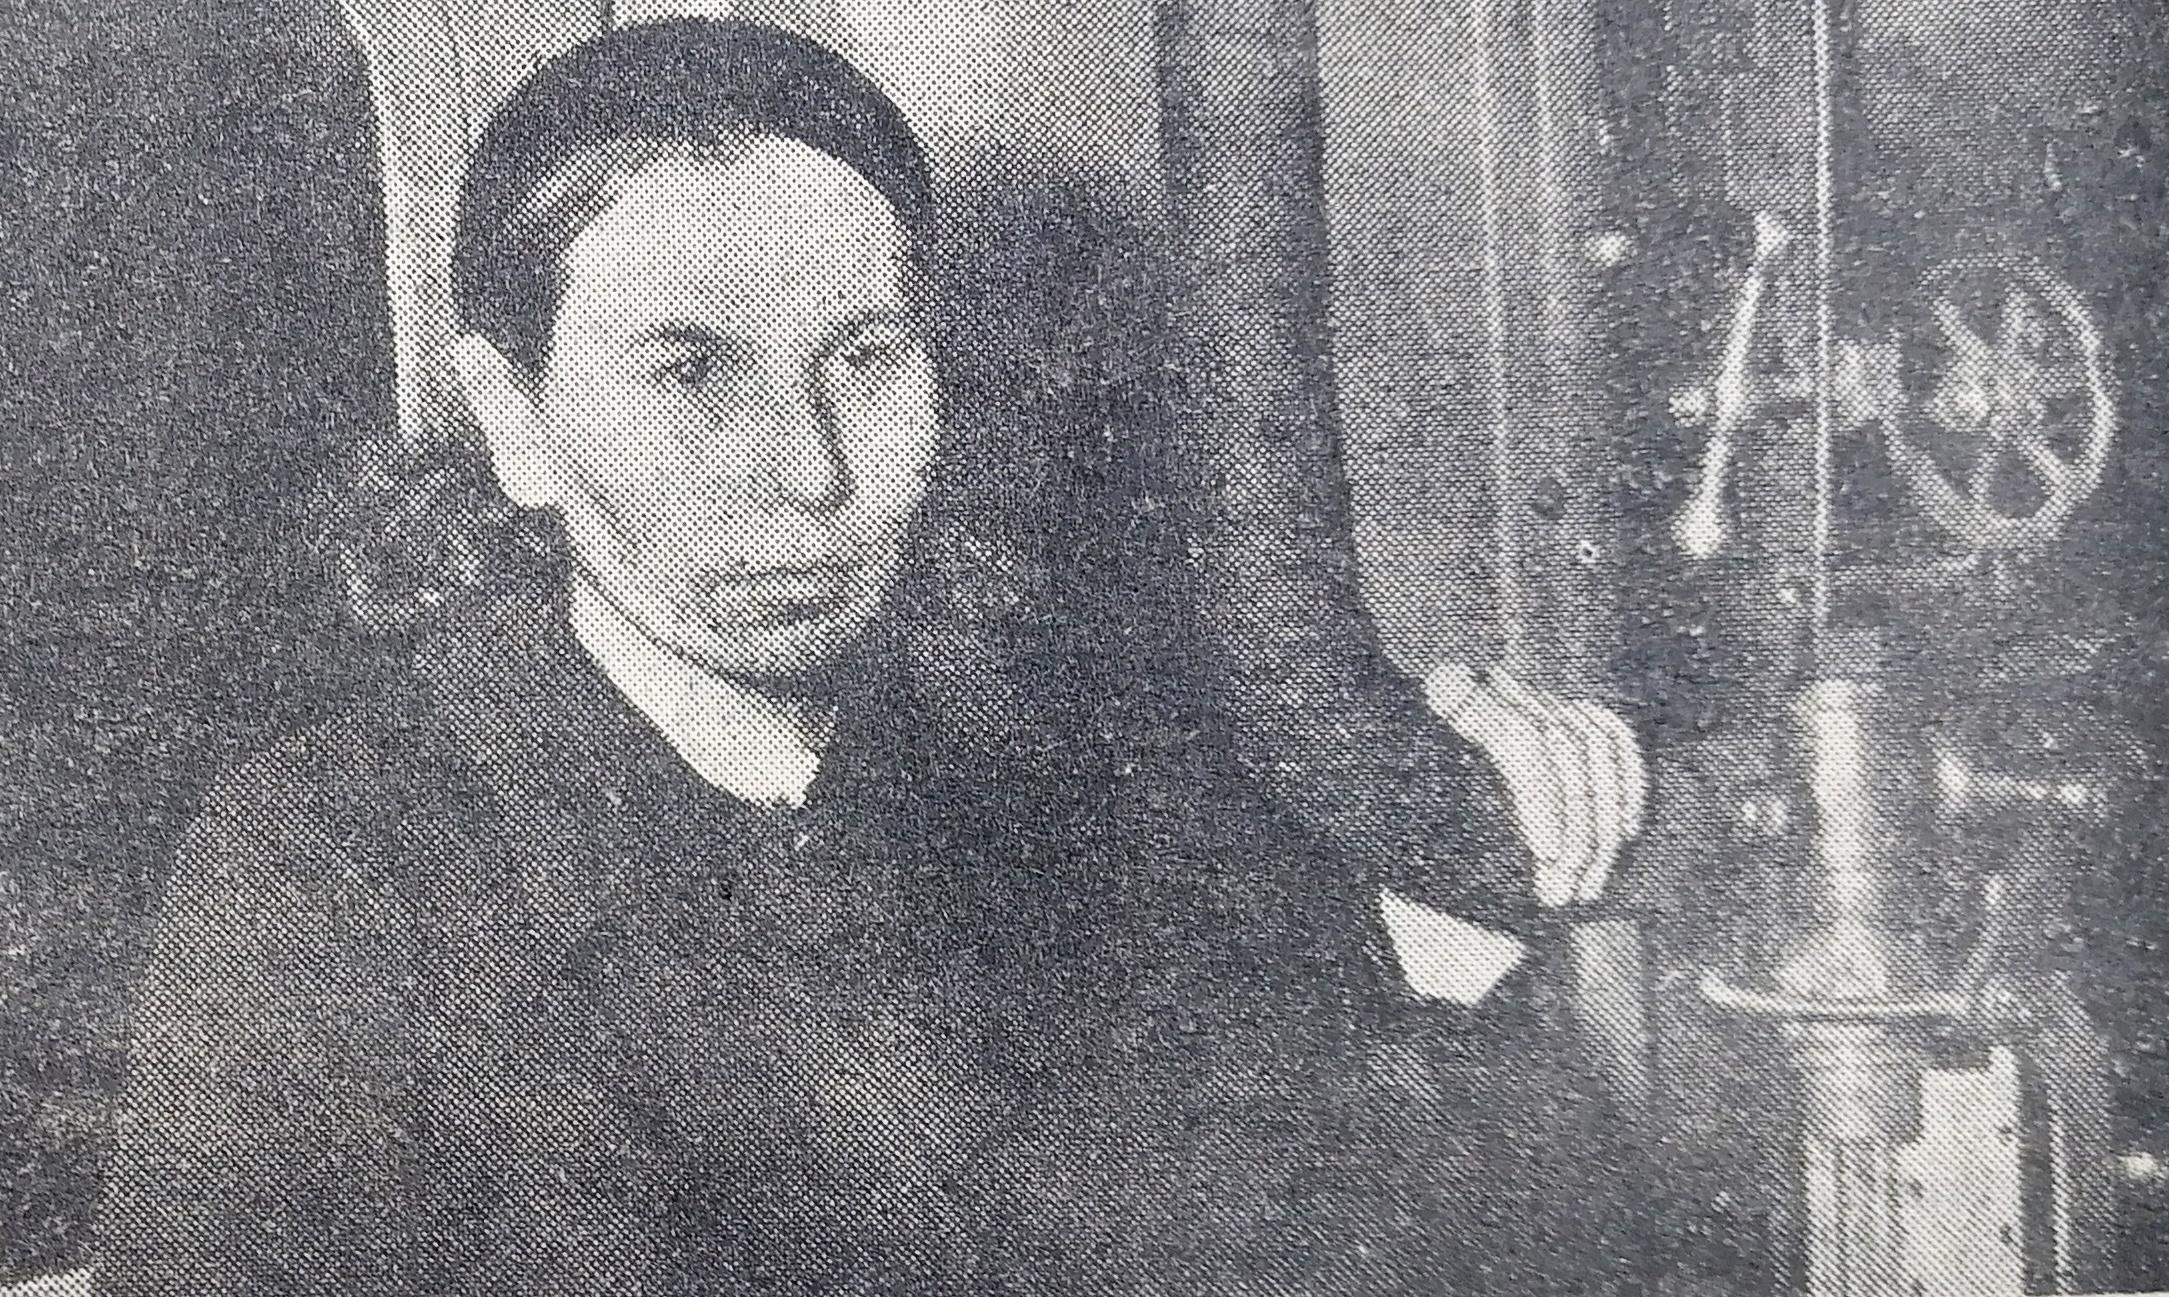 Сальме Тоомвяли в кабине паровоза. Фото из газеты Rahva Hääl, март 1941 года.